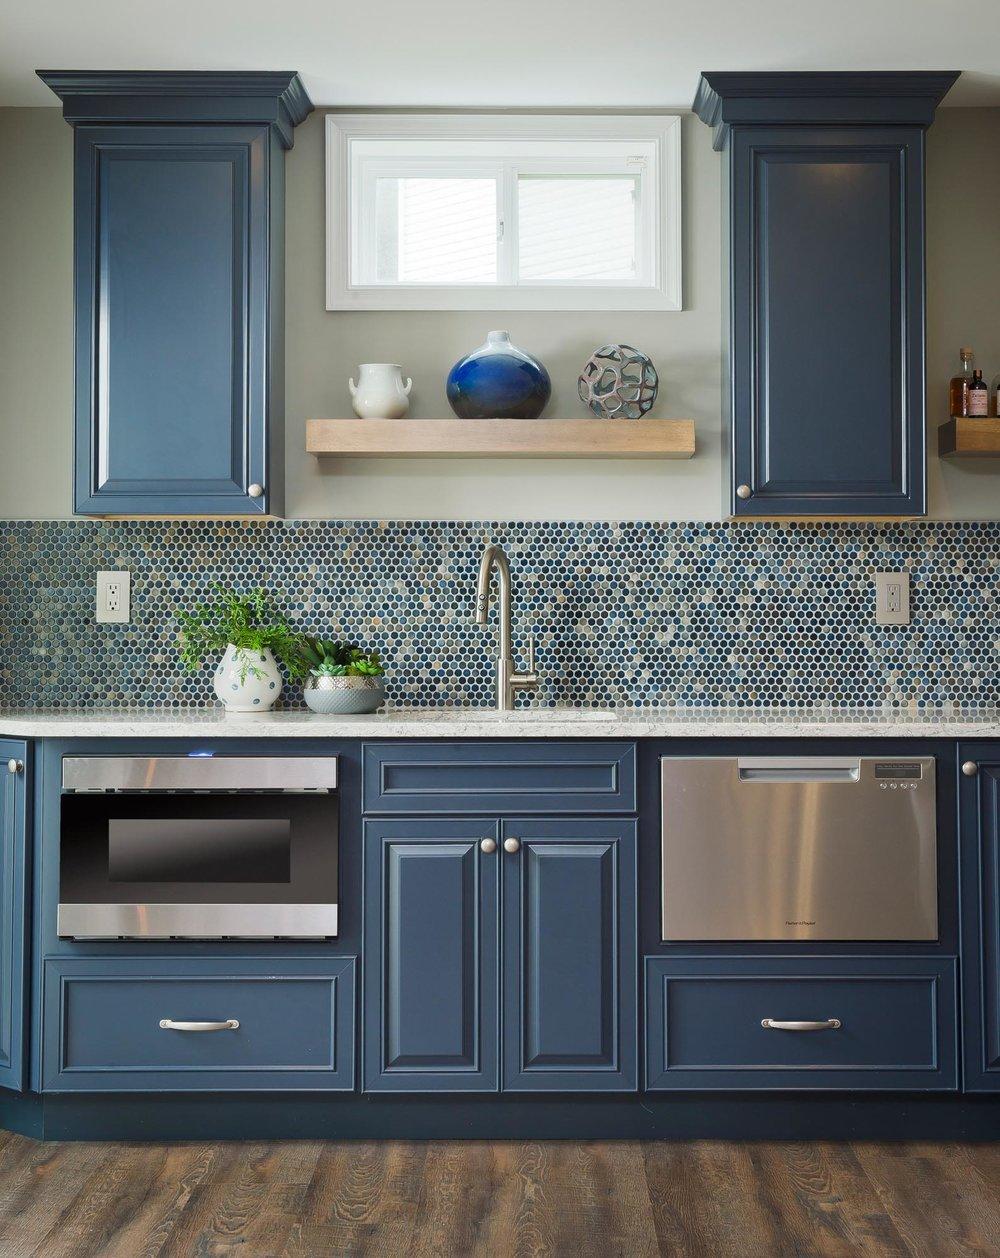 Kitchen counter with sink blue tiled backsplash